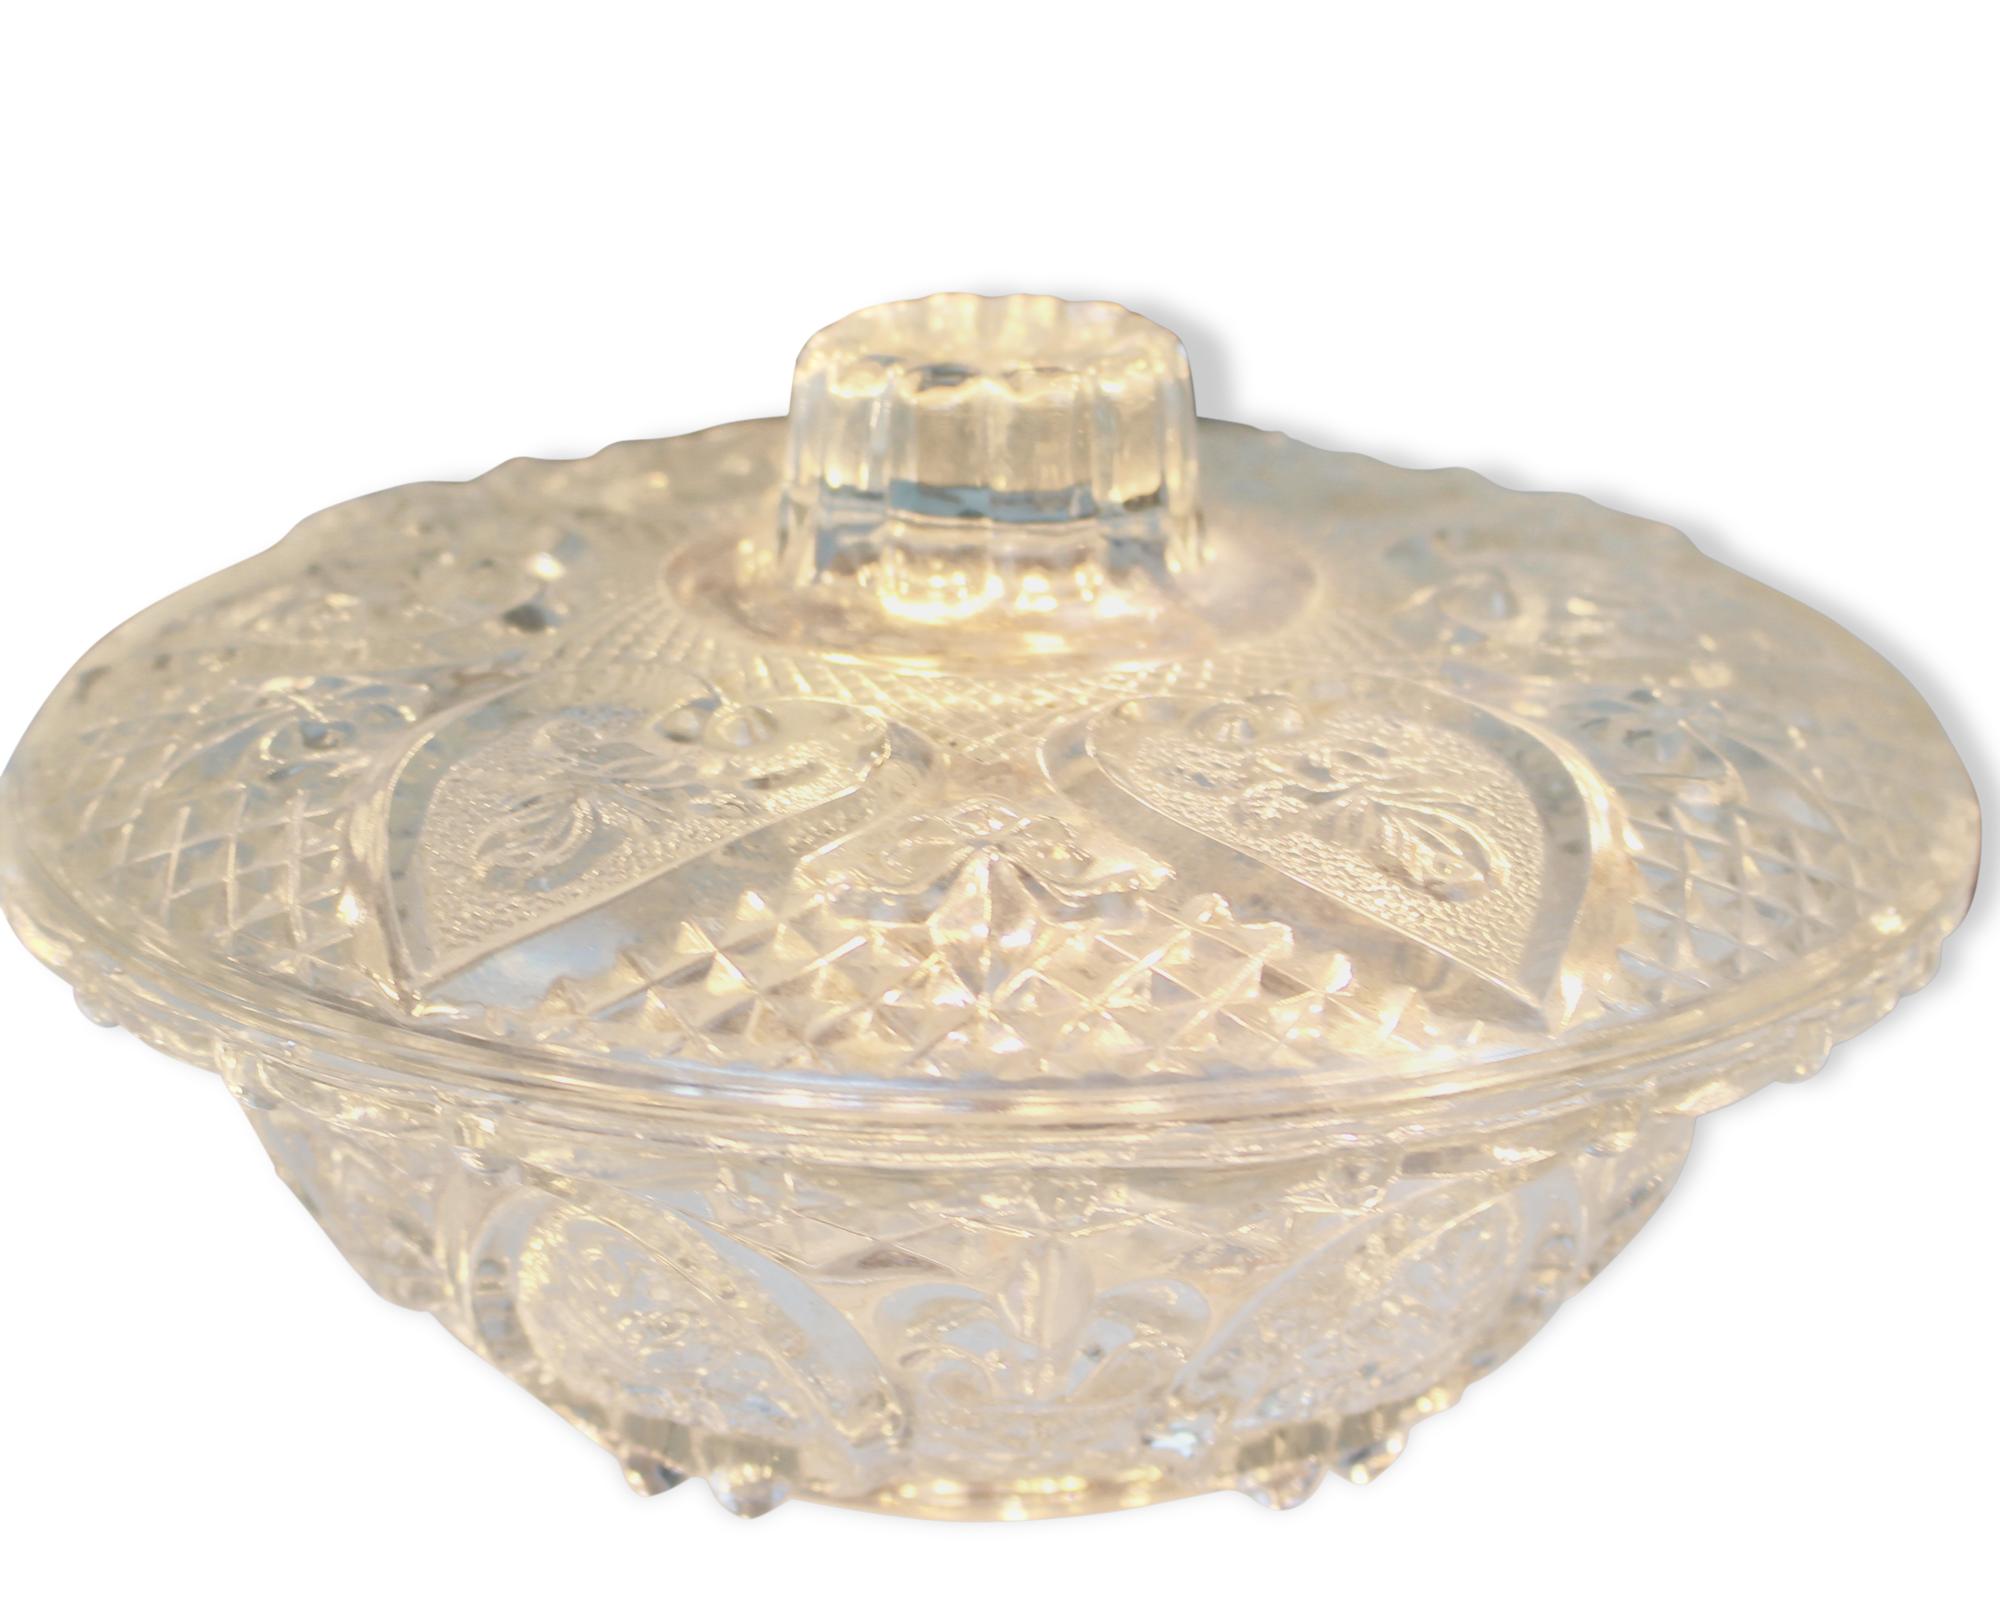 Bonbonnière en verre 1940